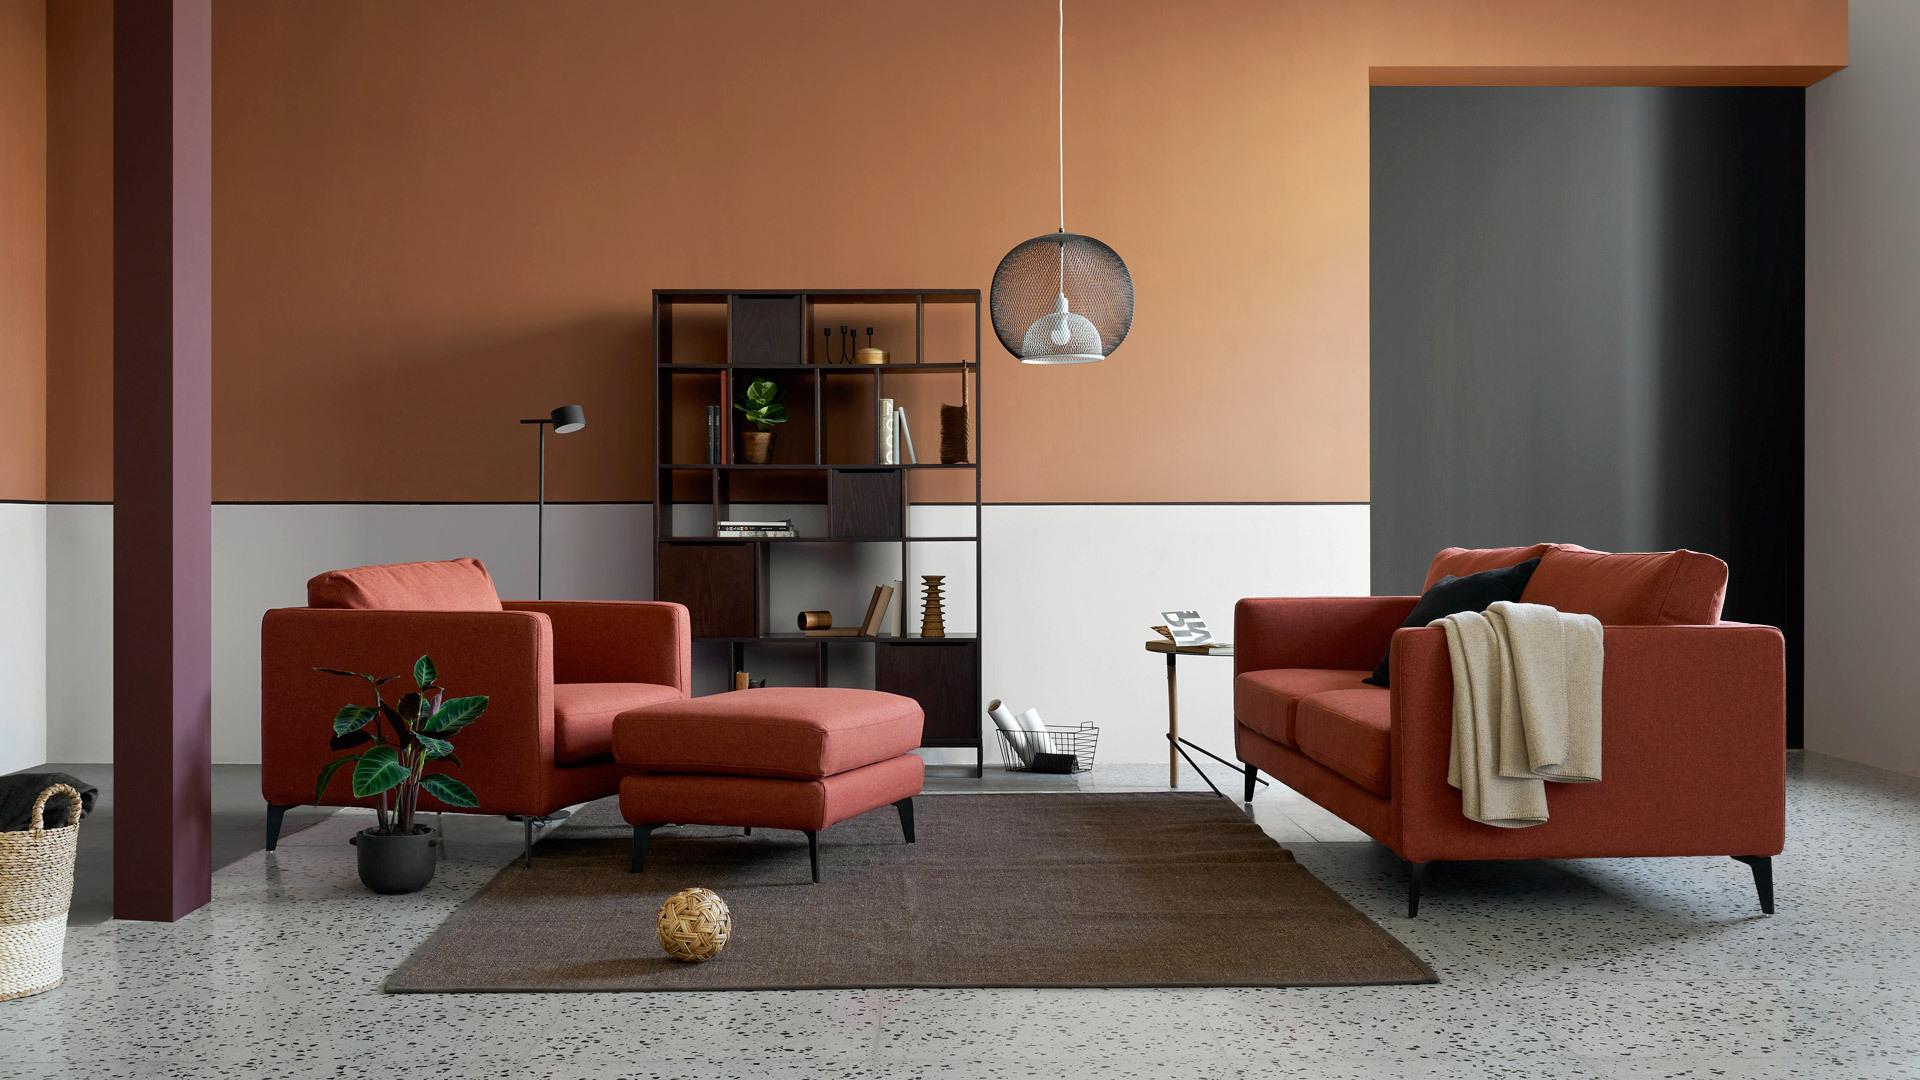 红棕格新色,让舒适客厅暖意融融